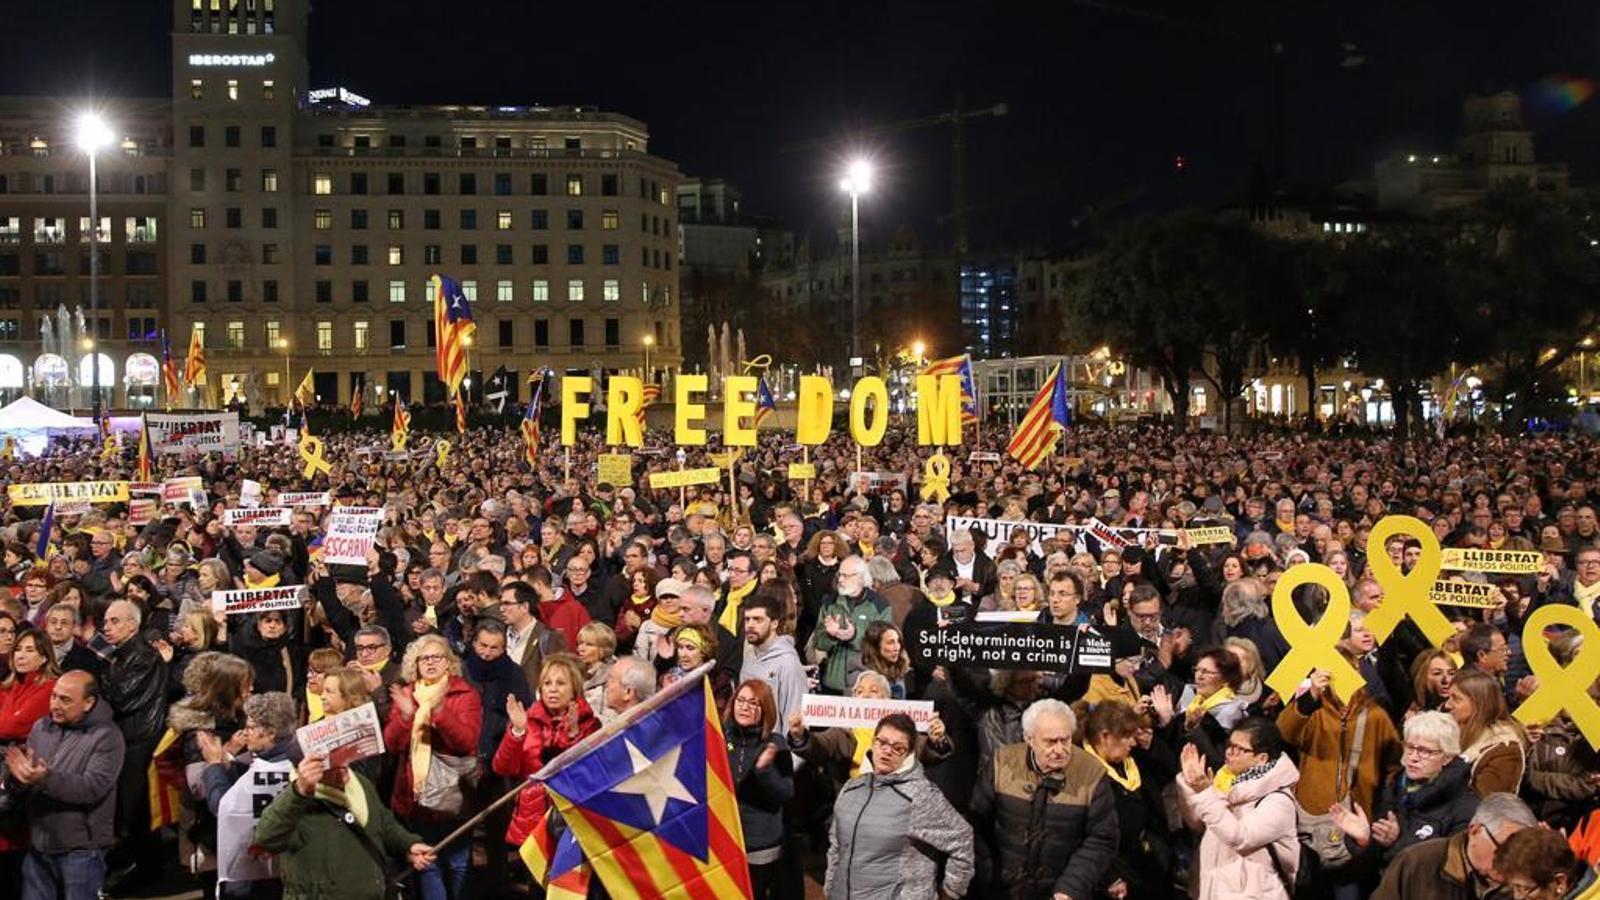 El sobiranisme escalfa motors en una protesta transversal